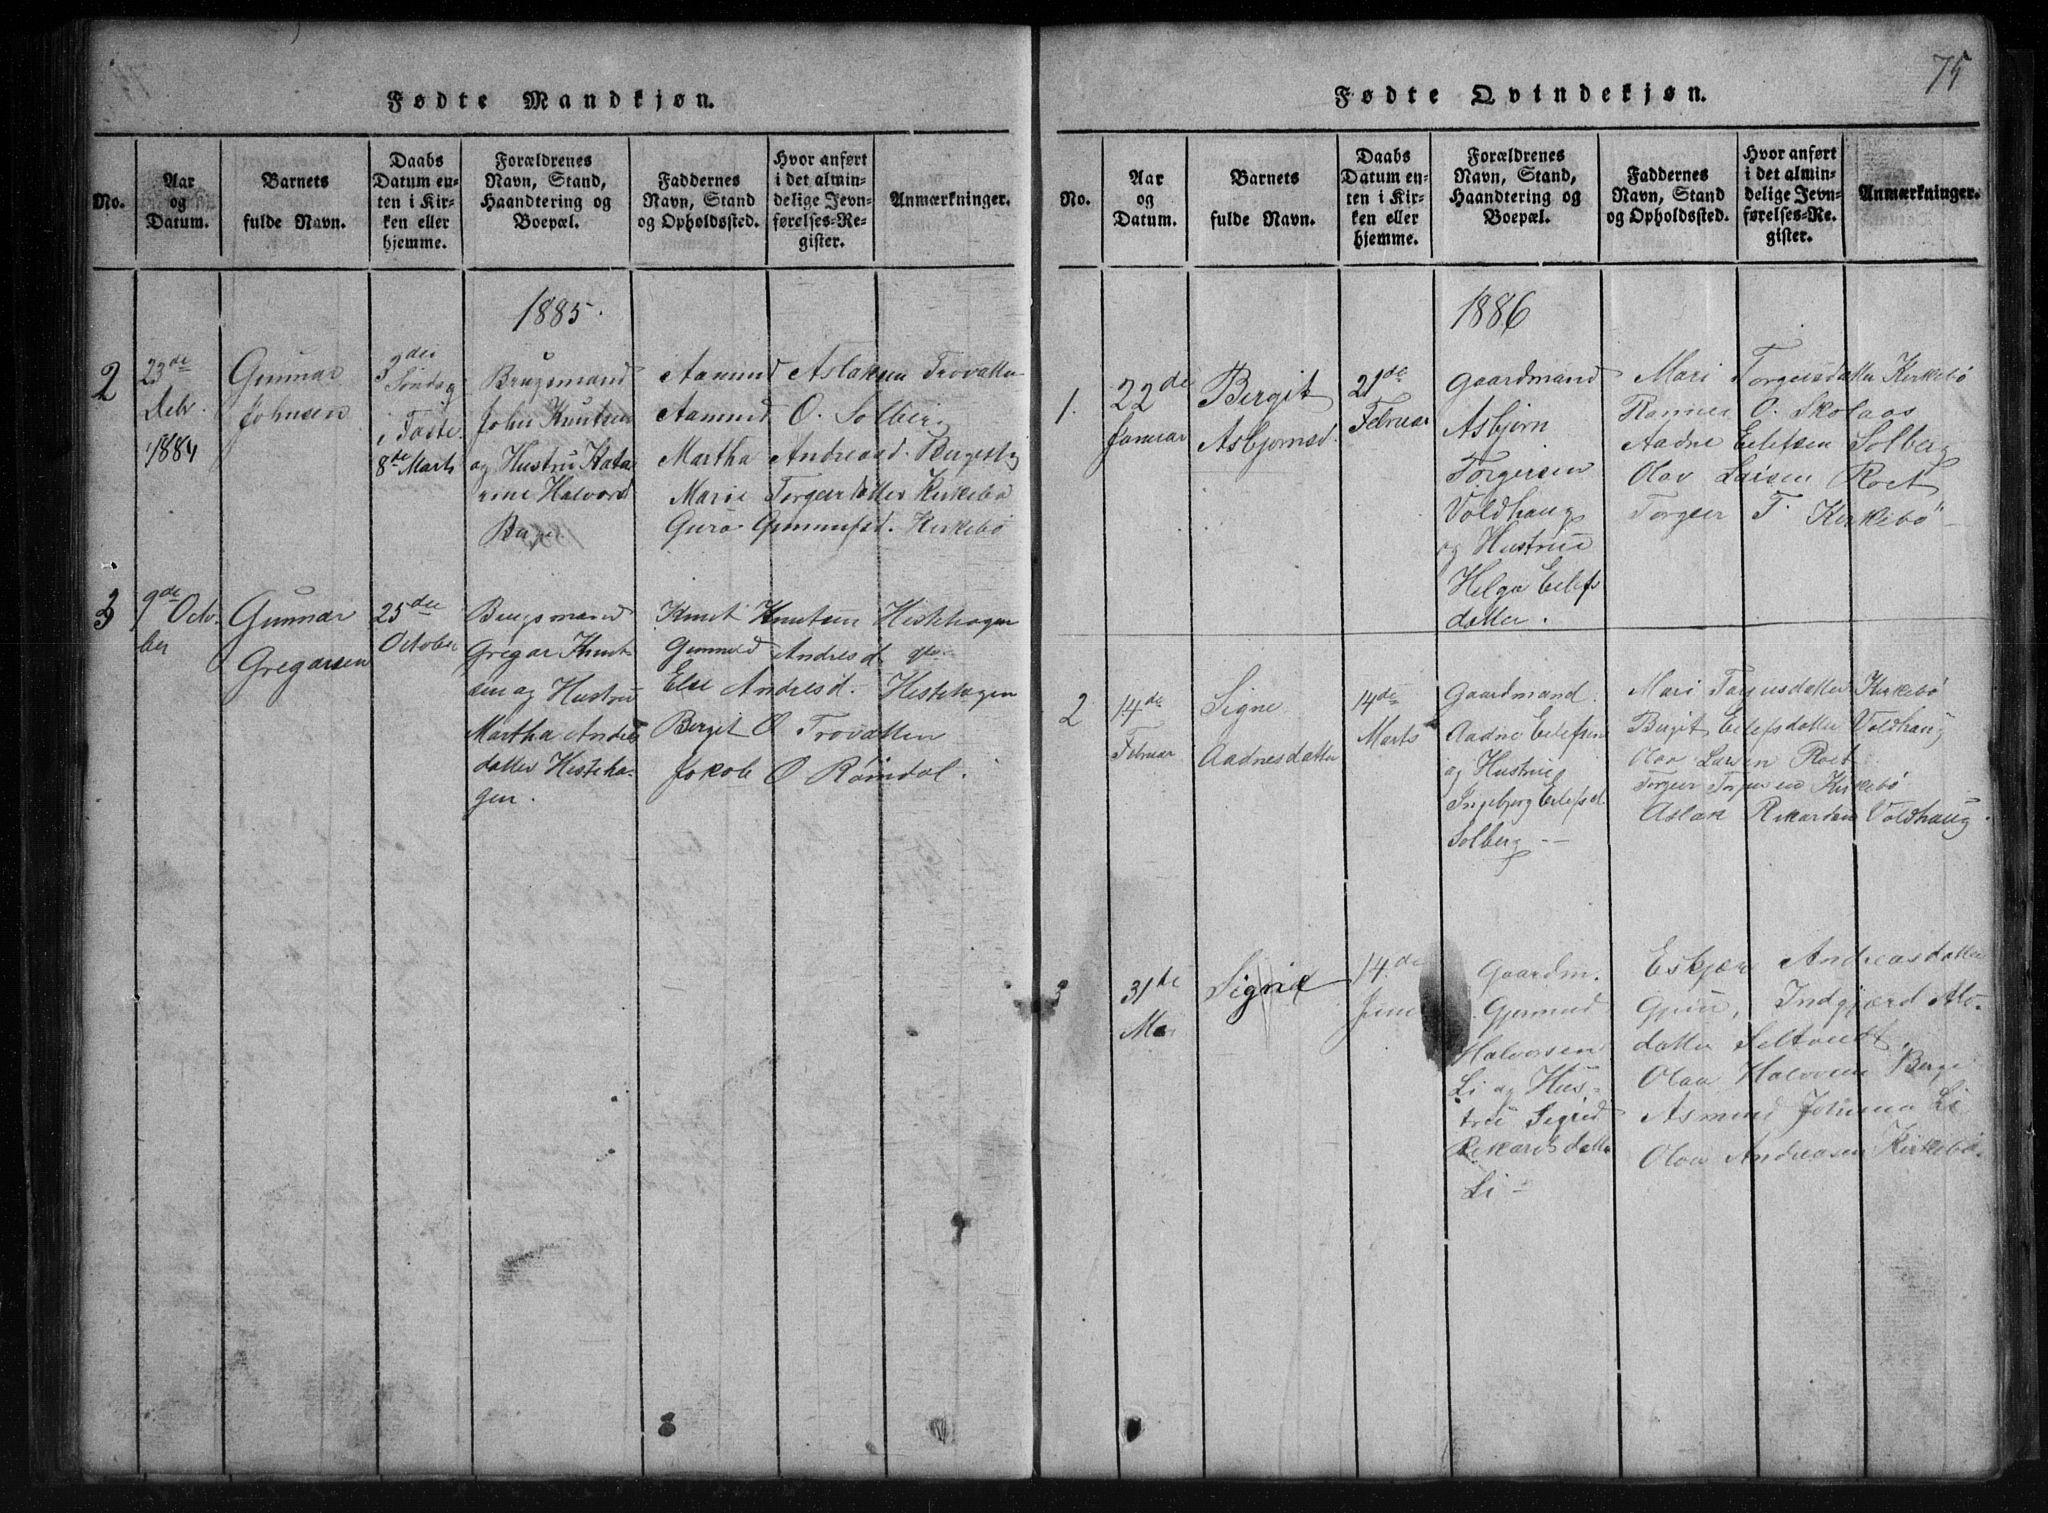 SAKO, Rauland kirkebøker, G/Gb/L0001: Klokkerbok nr. II 1, 1815-1886, s. 75